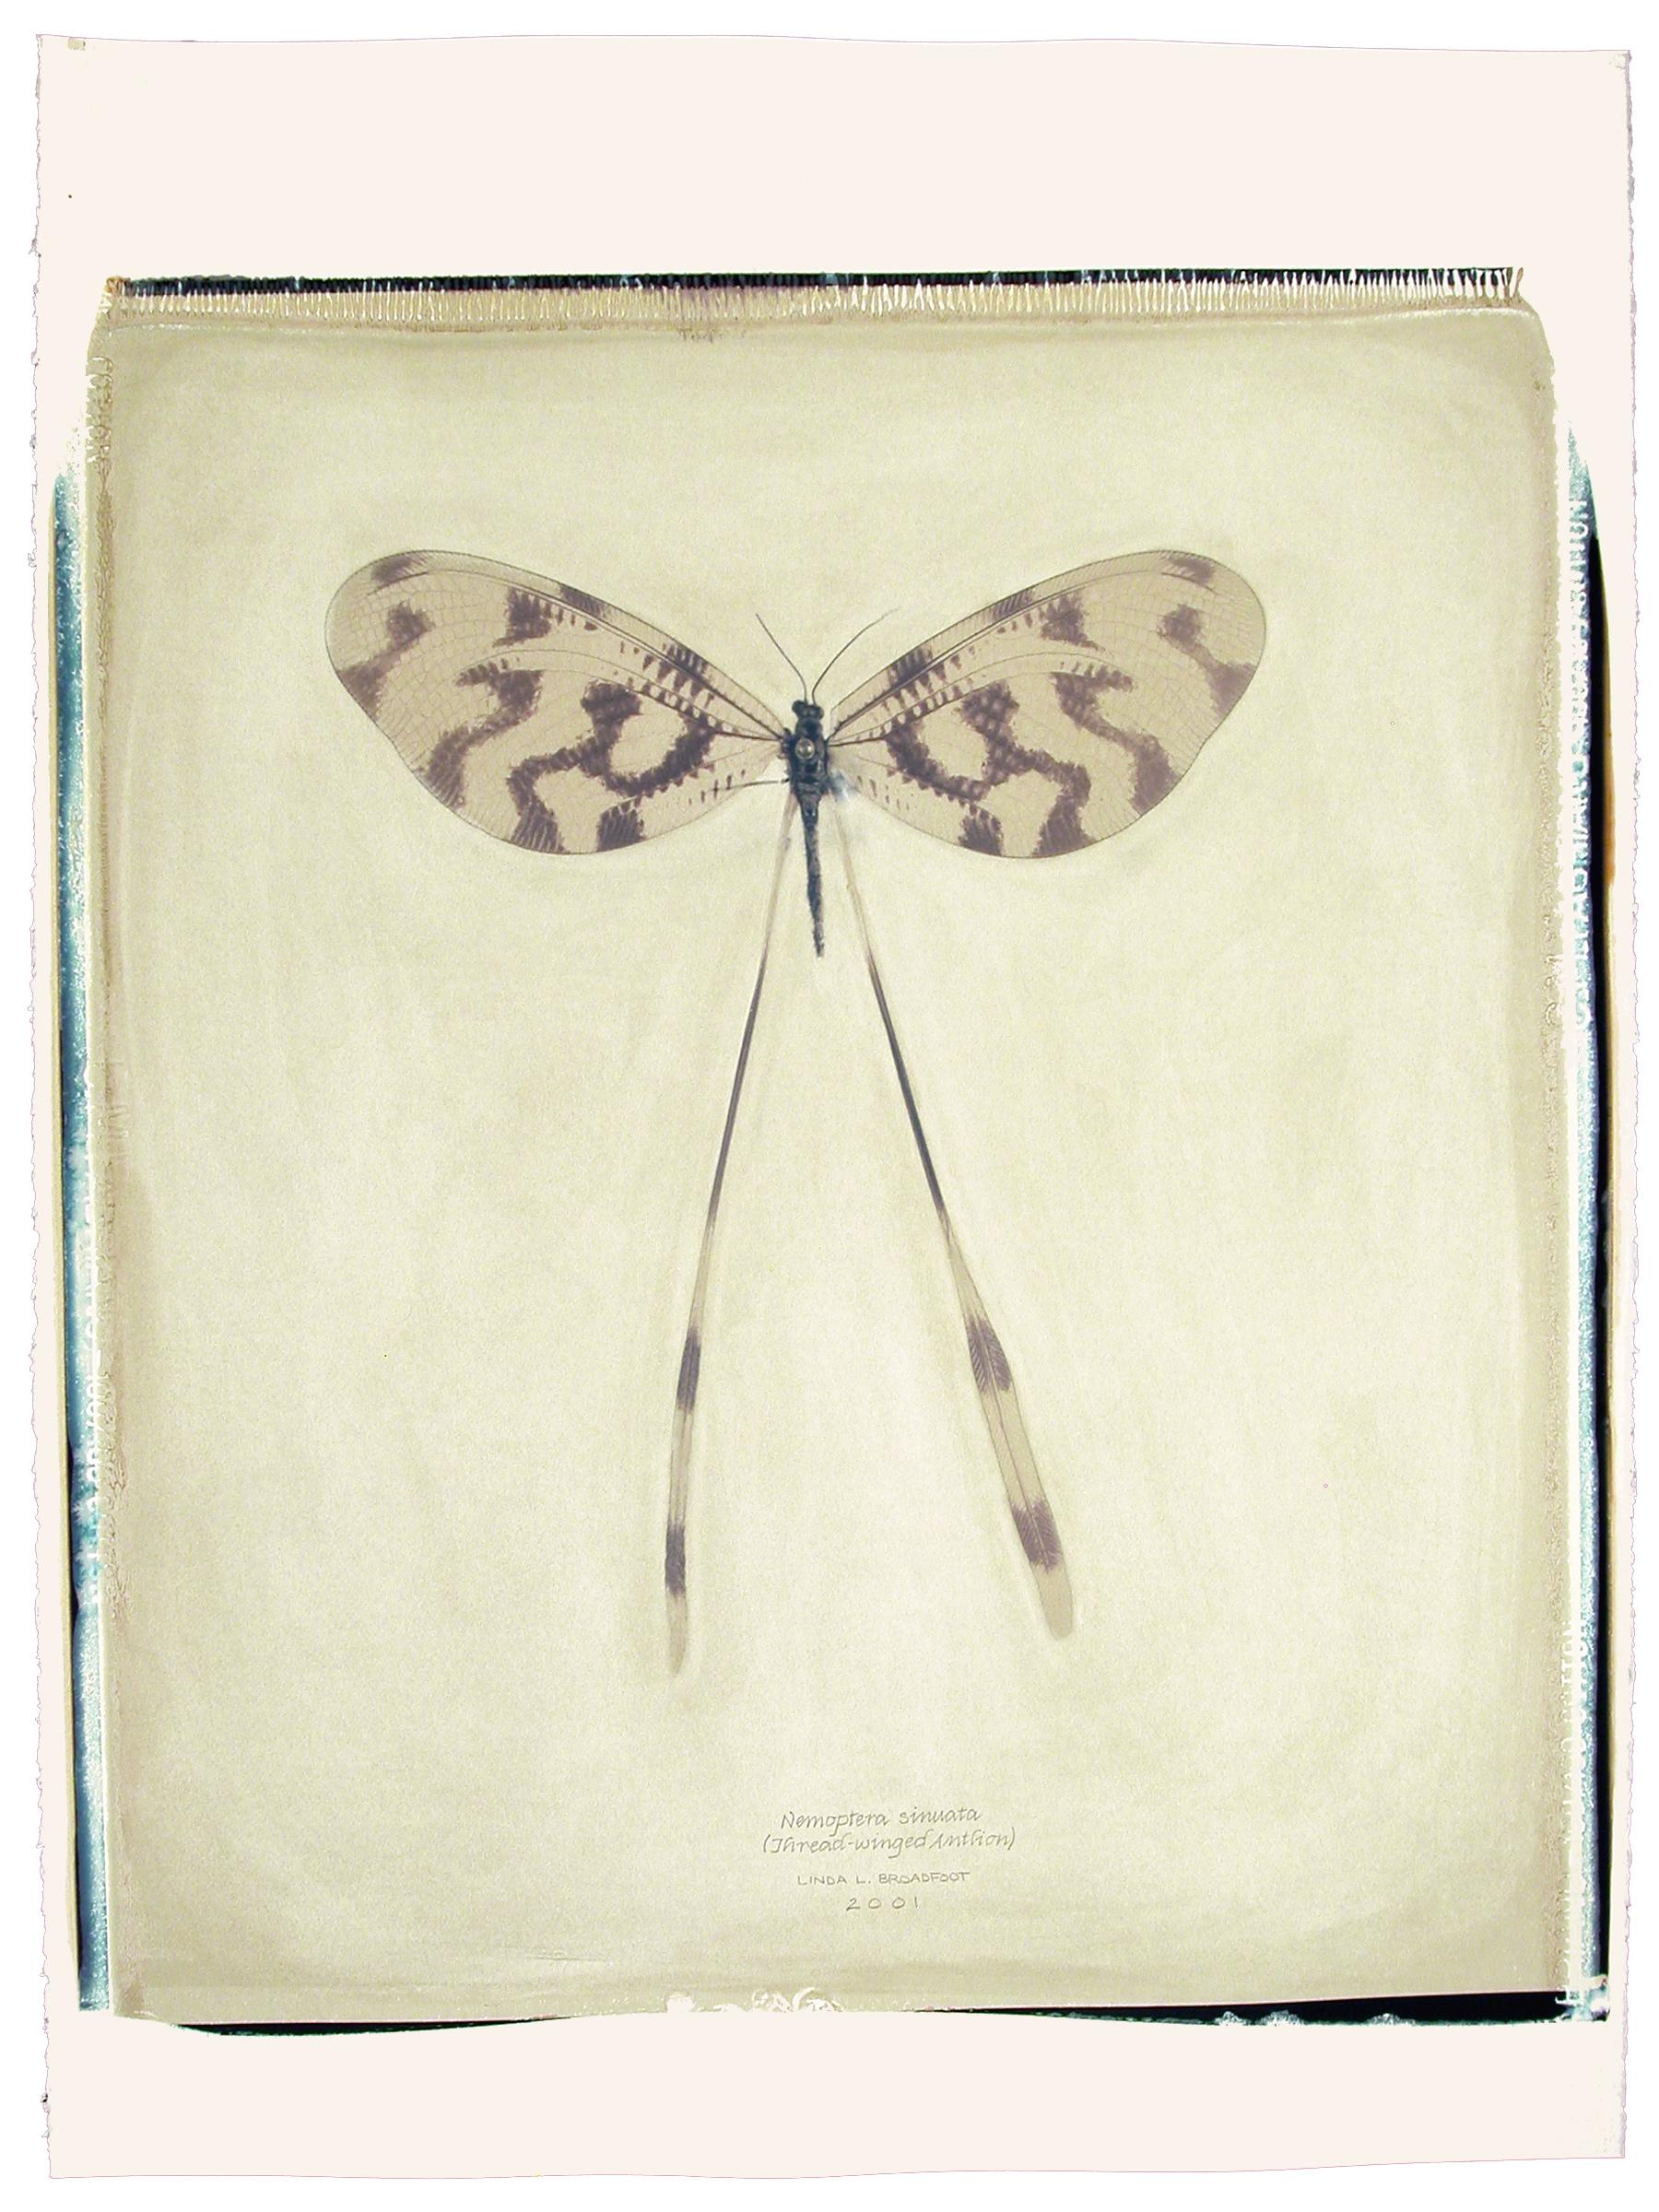 Nemoptera sinuata  (Thread-winged Antlion), 2001